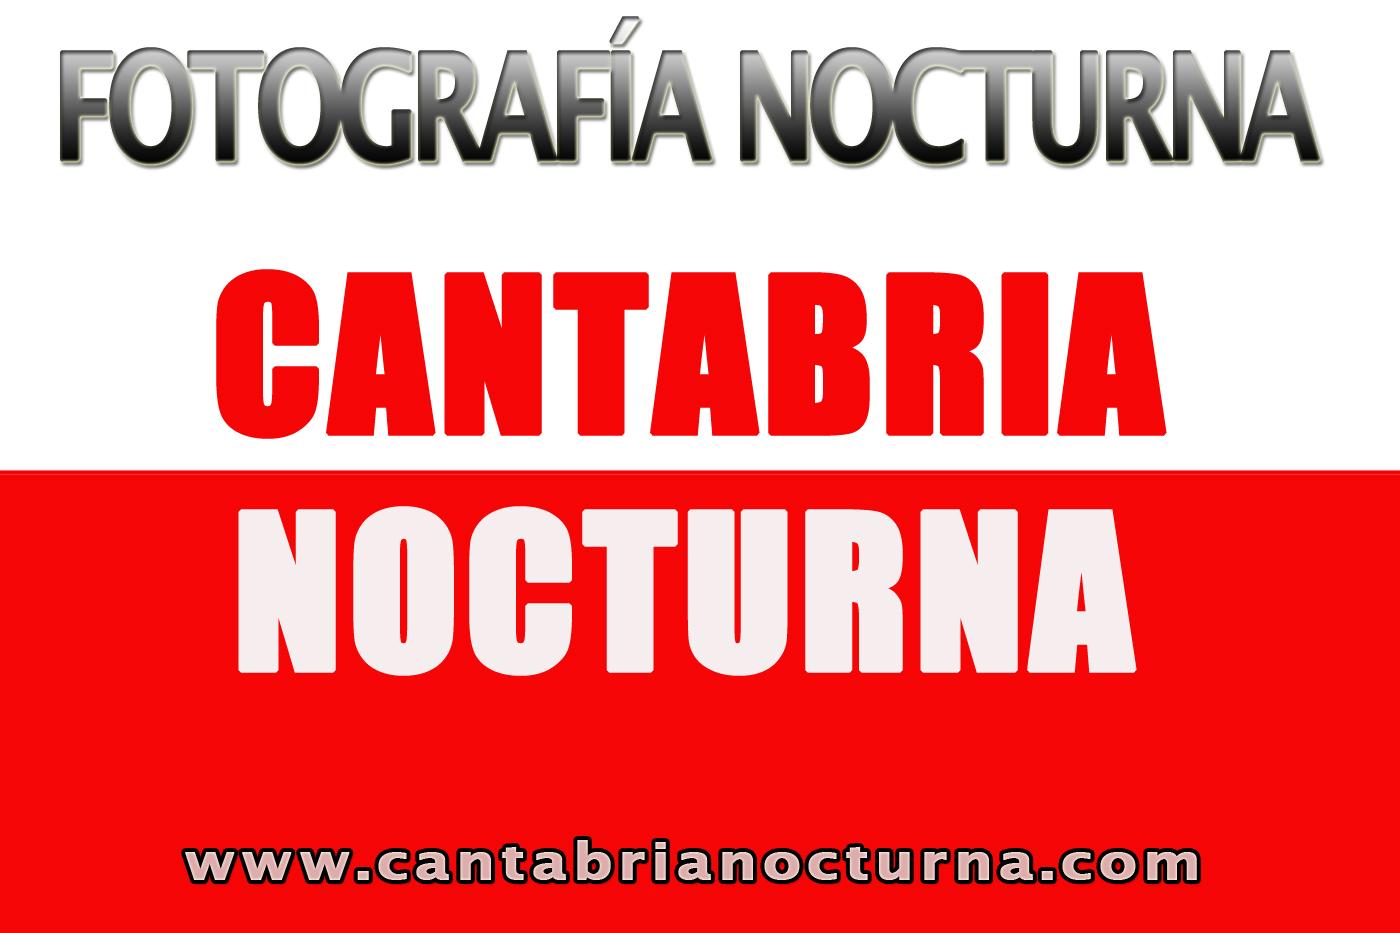 Cantabria Nocturna.com